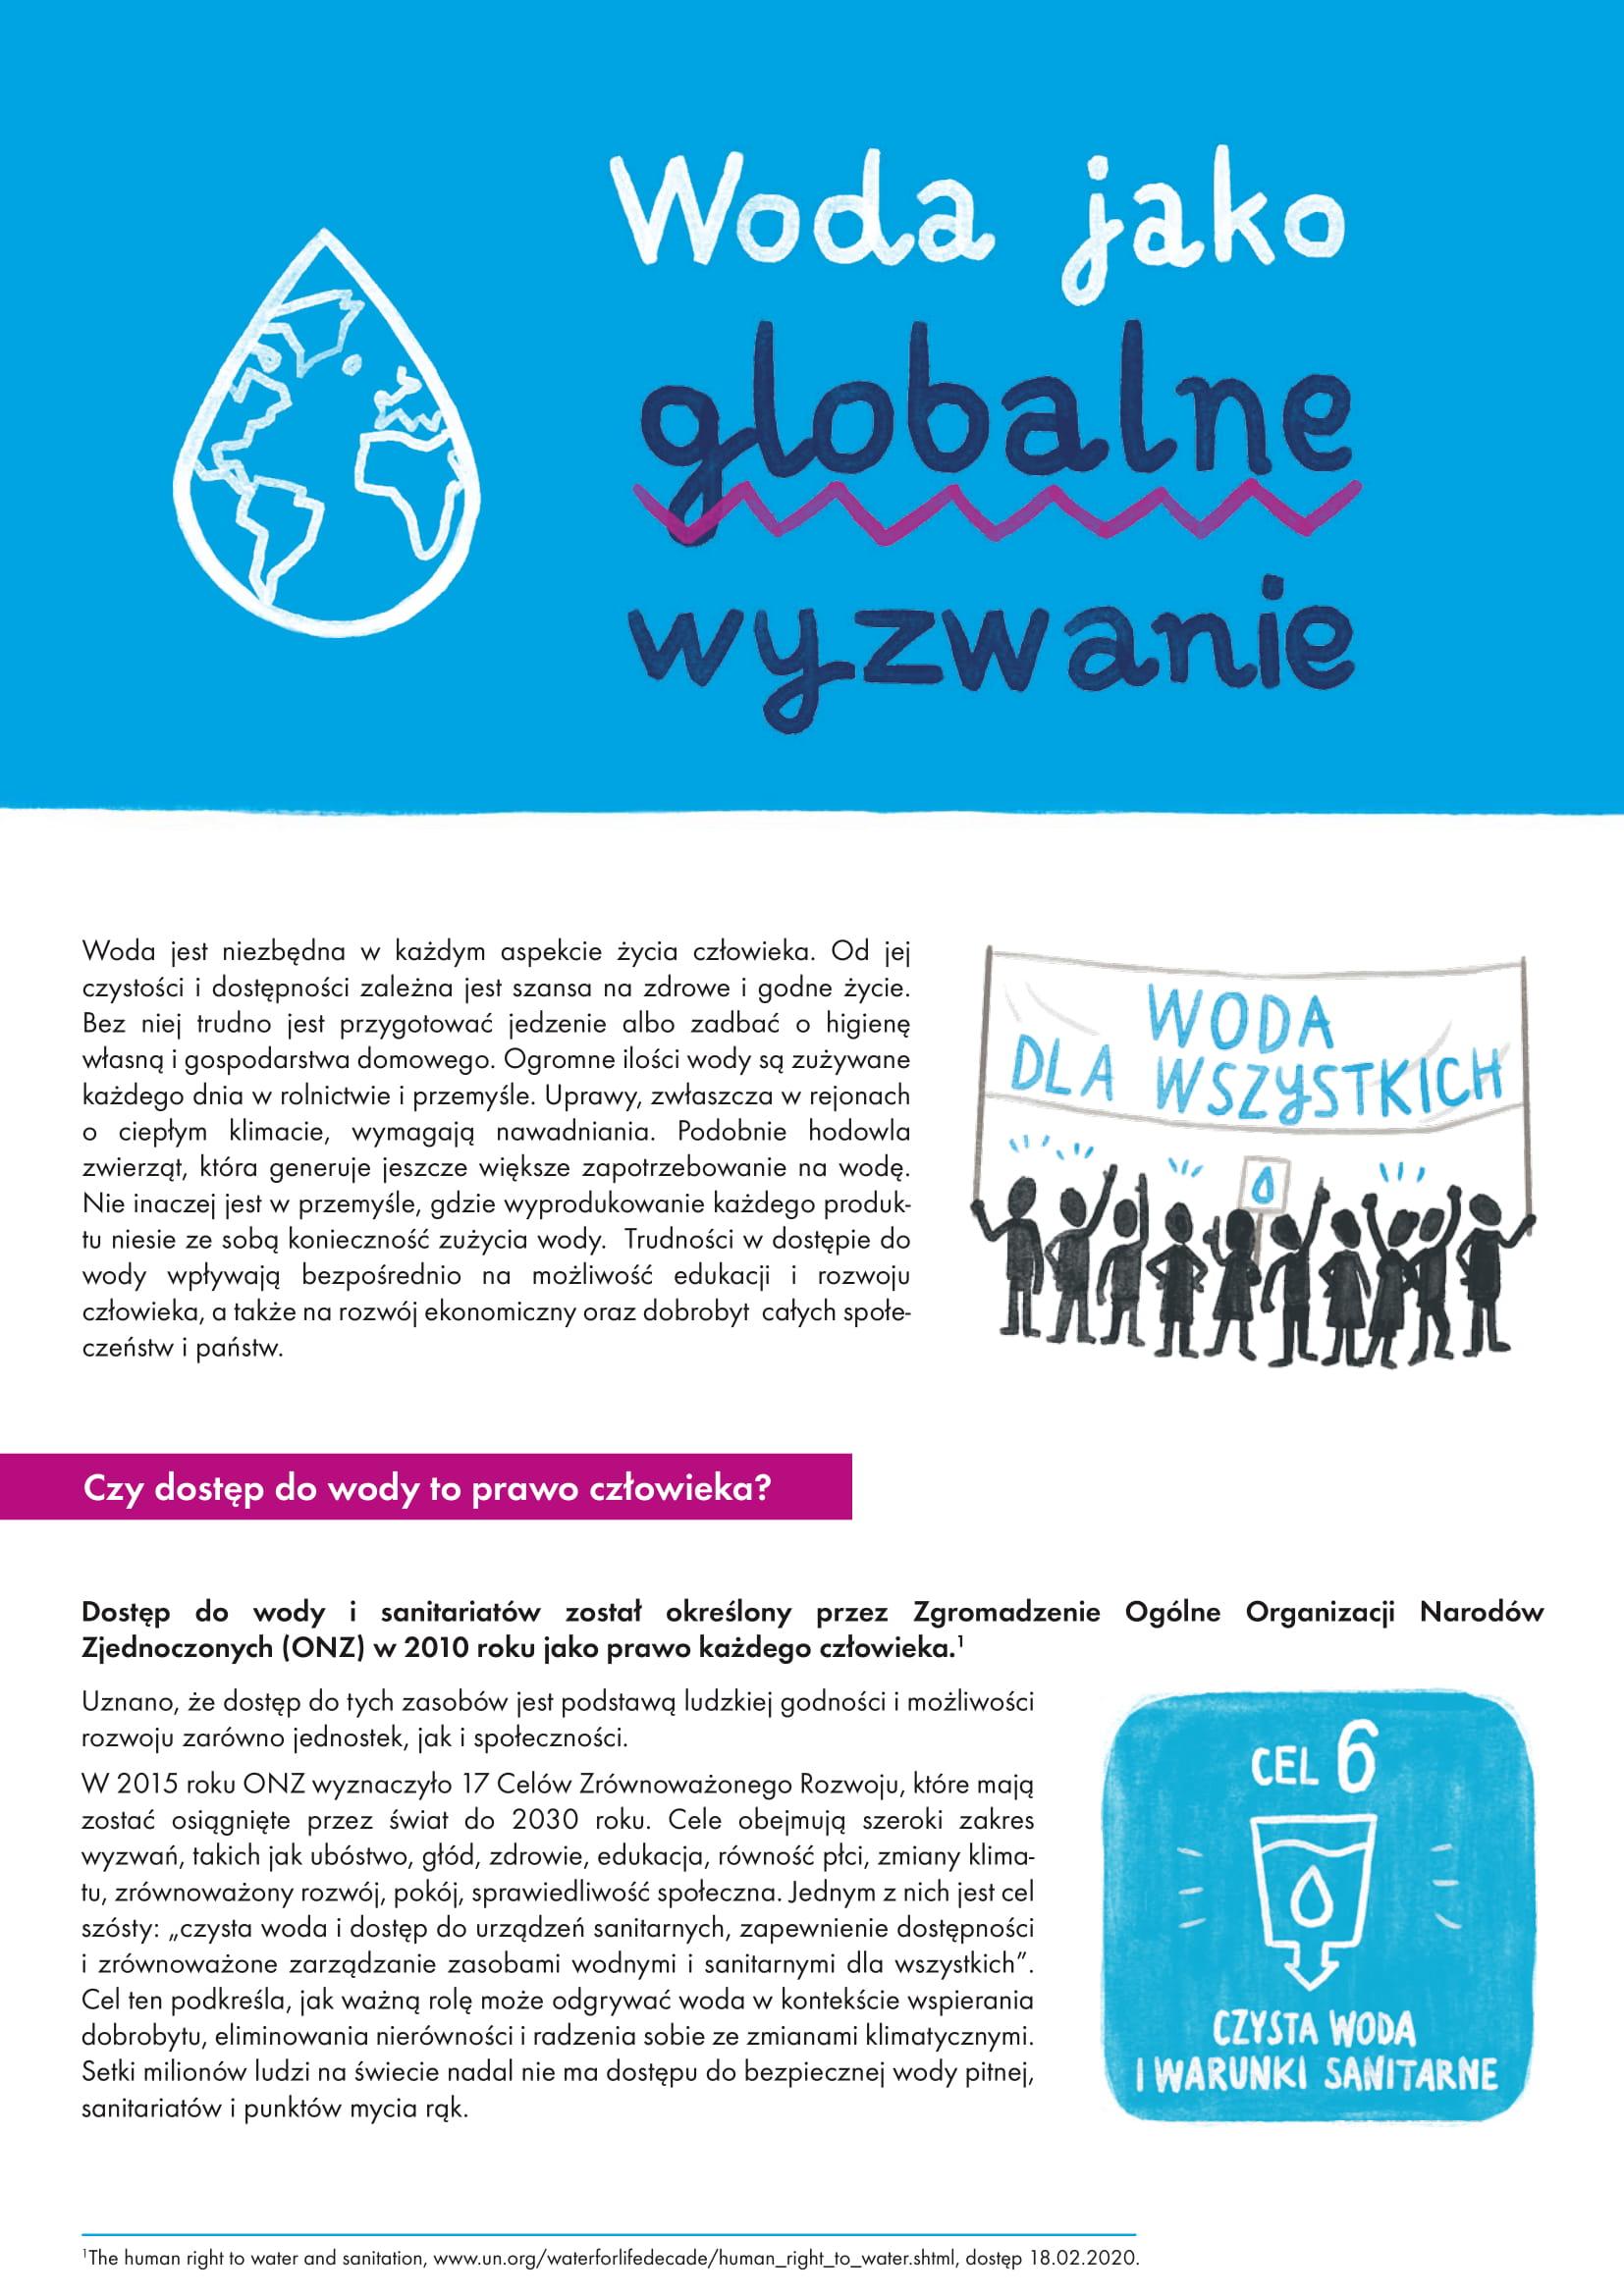 Broszura-Woda-jako-globalne-wyzwanie-1